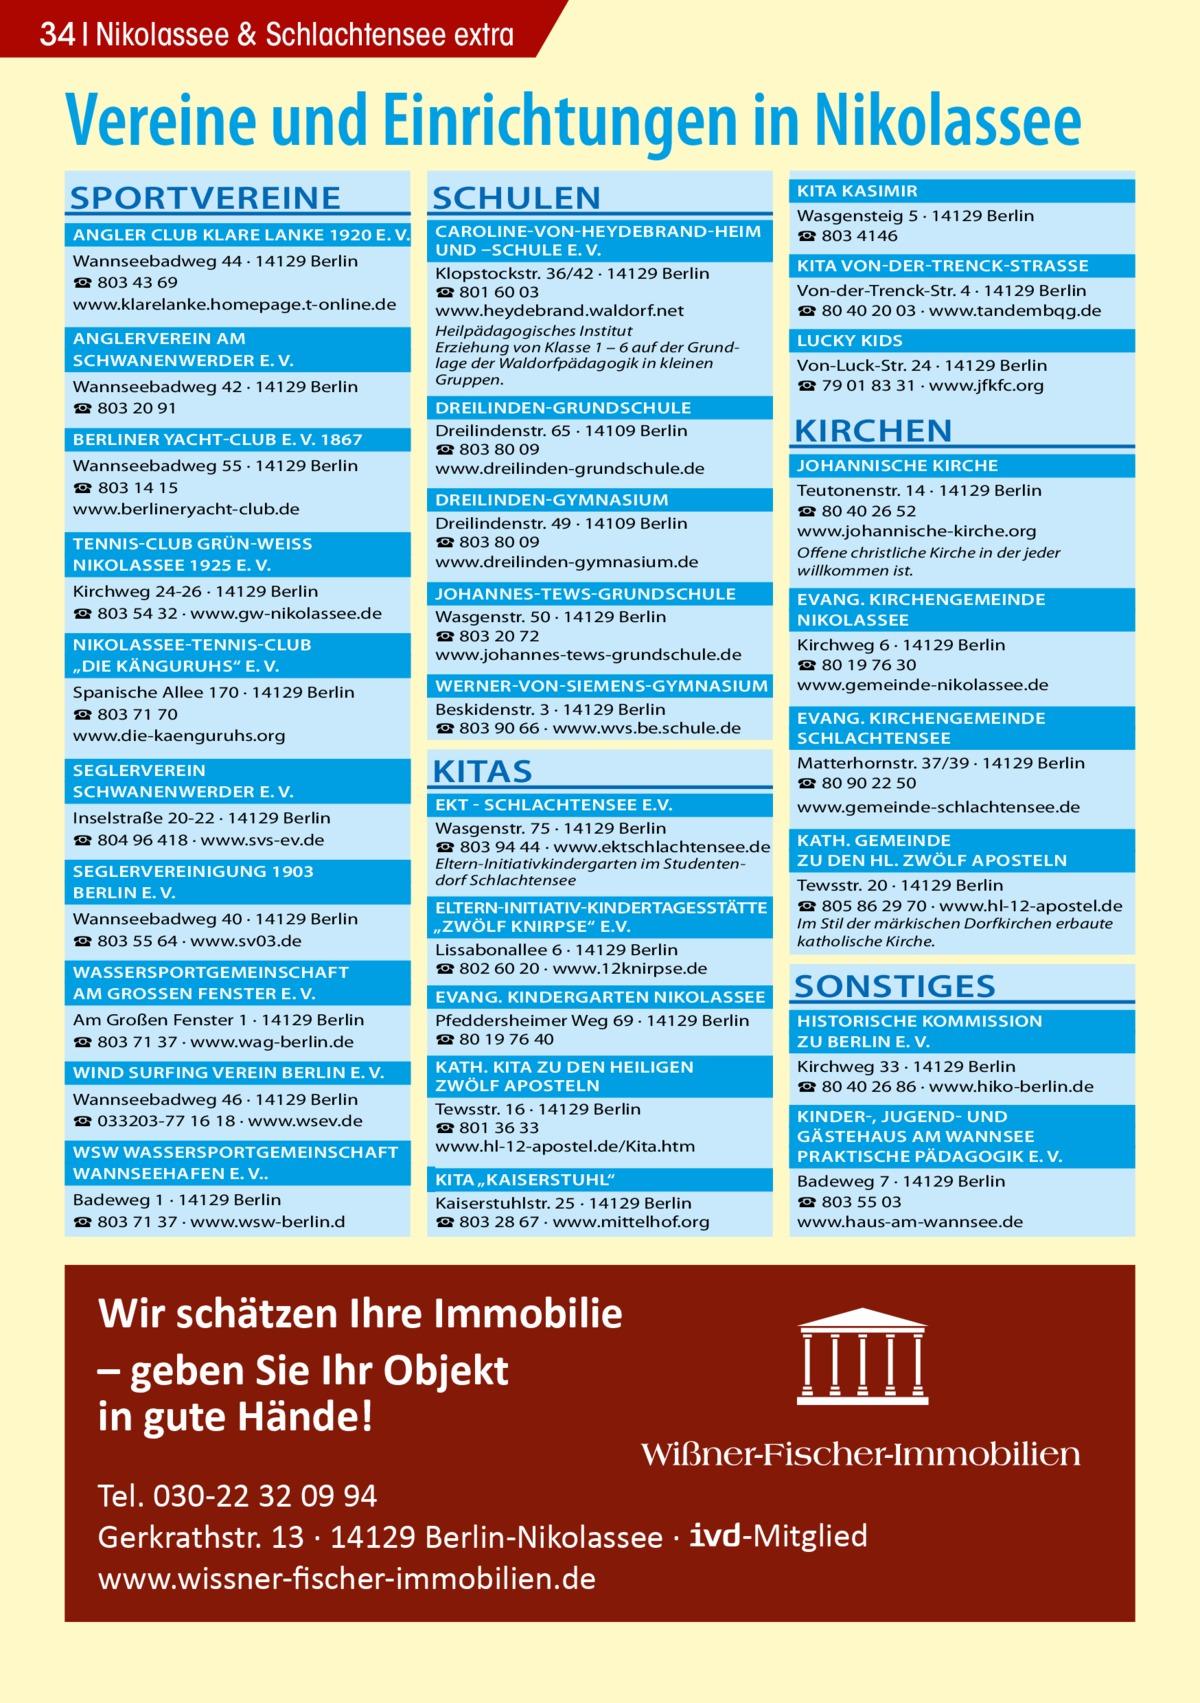 """34 Nikolassee & Schlachtensee extra  Vereine und Einrichtungen in Nikolassee SPORTVEREINE  SCHULEN   KITA KASIMIR�   ANGLER CLUB KLARE LANKE 1920 E. V.�  CAROLINE-VON-HEYDEBRAND-HEIM �  UND –SCHULE E. V. � Wannseebadweg 44 · 14129 Berlin Klopstockstr. 36/42 · 14129 Berlin ☎ 803 43 69 ☎801 60 03 www.klarelanke.homepage.t-online.de www.heydebrand.waldorf.net  ANGLERVEREIN AM�  SCHWANENWERDER E. V.� Wannseebadweg 42 · 14129 Berlin ☎ 803 20 91  BERLINER YACHT-CLUB E. V. 1867� Wannseebadweg 55 · 14129 Berlin ☎ 803 14 15 www.berlineryacht-club.de  TENNIS-CLUB GRÜN-WEISS �  NIKOLASSEE 1925 E. V.� Kirchweg 24-26 · 14129 Berlin ☎ 803 54 32 · www.gw-nikolassee.de  NIKOLASSEE-TENNIS-CLUB �  """"DIE KÄNGURUHS"""" E. V.� Spanische Allee 170 · 14129 Berlin ☎803 71 70 www.die-kaenguruhs.org SEGLERVEREIN�  SCHWANENWERDER E. V.� Inselstraße 20-22 · 14129 Berlin ☎804 96 418 · www.svs-ev.de  SEGLERVEREINIGUNG 1903 �  BERLIN E. V.� Wannseebadweg 40 · 14129 Berlin ☎803 55 64 · www.sv03.de  WASSERSPORTGEMEINSCHAFT �  AM GROSSEN FENSTER E. V.� Am Großen Fenster 1 · 14129 Berlin ☎803 71 37 · www.wag-berlin.de  WIND SURFING VEREIN BERLIN E. V.� Wannseebadweg 46 · 14129 Berlin ☎033203-77 16 18 · www.wsev.de  WSW WASSERSPORTGEMEINSCHAFT �  WANNSEEHAFEN E. V..� Badeweg 1 · 14129 Berlin ☎803 71 37 · www.wsw-berlin.d  Heilpädagogisches Institut Erziehung von Klasse 1 – 6 auf der Grundlage der Waldorfpädagogik in kleinen Gruppen.  Wasgensteig 5 · 14129 Berlin ☎803 4146  KITA VON-DER-TRENCK-STRASSE � Von-der-Trenck-Str. 4 · 14129 Berlin ☎80 40 20 03 · www.tandembqg.de  LUCKY KIDS� Von-Luck-Str. 24 · 14129 Berlin ☎79 01 83 31 · www.jfkfc.org  DREILINDEN-GRUNDSCHULE� Dreilindenstr. 65 · 14109 Berlin ☎803 80 09 www.dreilinden-grundschule.de  KIRCHEN  JOHANNISCHE KIRCHE � Teutonenstr. 14 · 14129 Berlin ☎ 80 40 26 52 www.johannische-kirche.org  DREILINDEN-GYMNASIUM� Dreilindenstr. 49 · 14109 Berlin ☎803 80 09 www.dreilinden-gymnasium.de  Offene christliche Kirche in der jeder willkommen ist.   JOHANNES-TEWS-"""